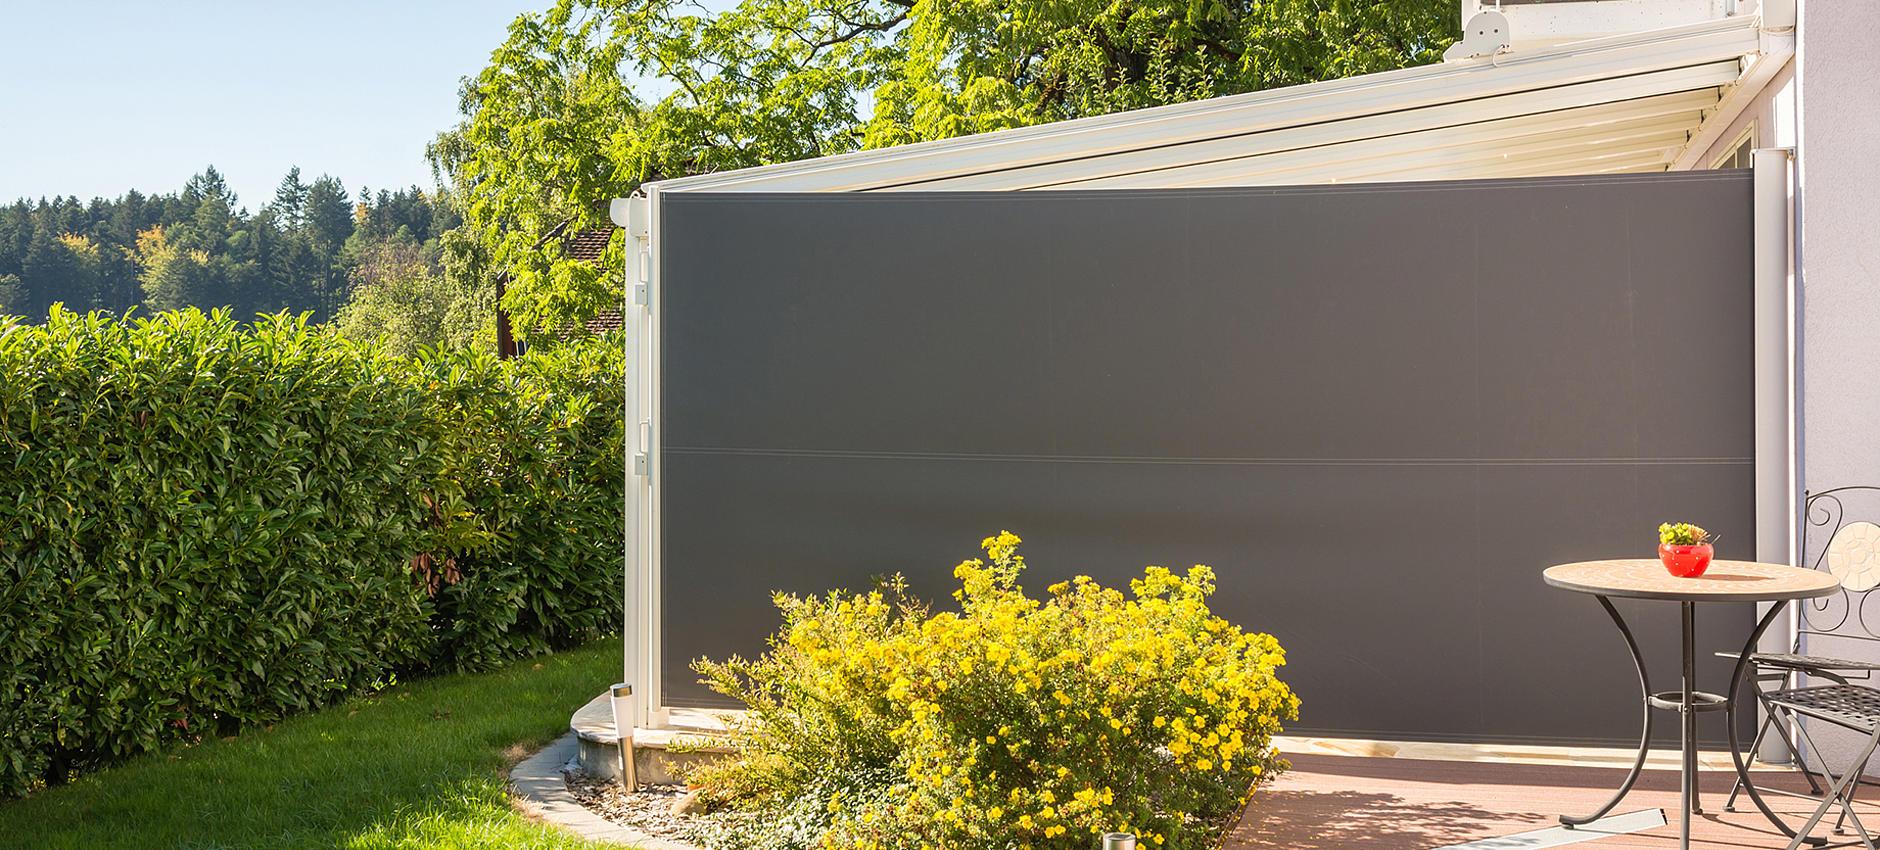 sichtschutz ausziehbar freistehend markise 6 meter breit markise x m with markise 6 meter breit. Black Bedroom Furniture Sets. Home Design Ideas